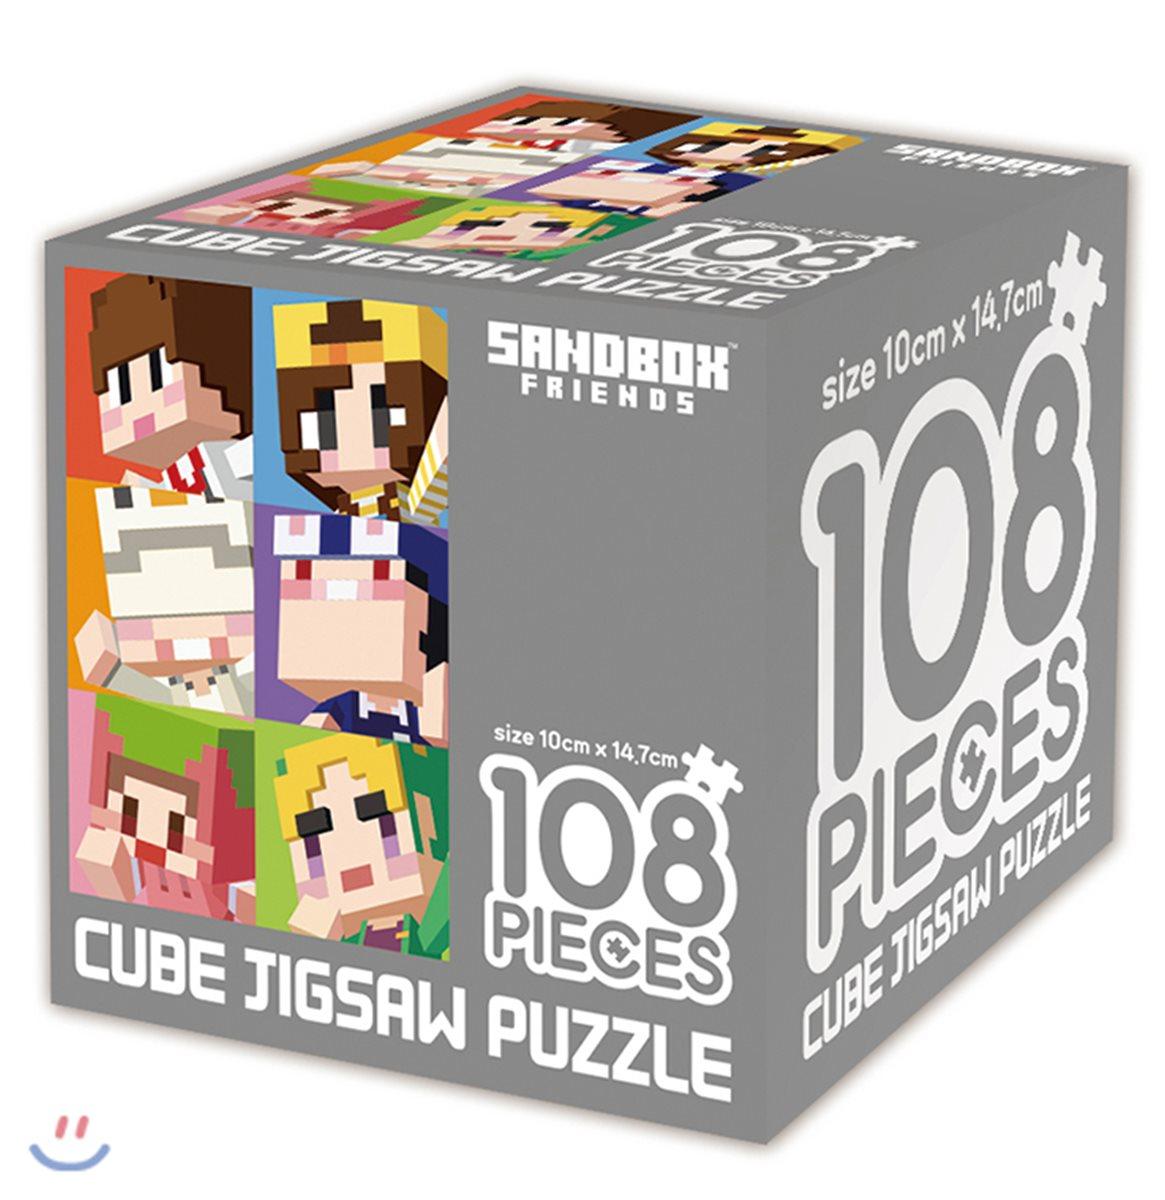 샌드박스 프렌즈 큐브 직소퍼즐 108 프렌즈